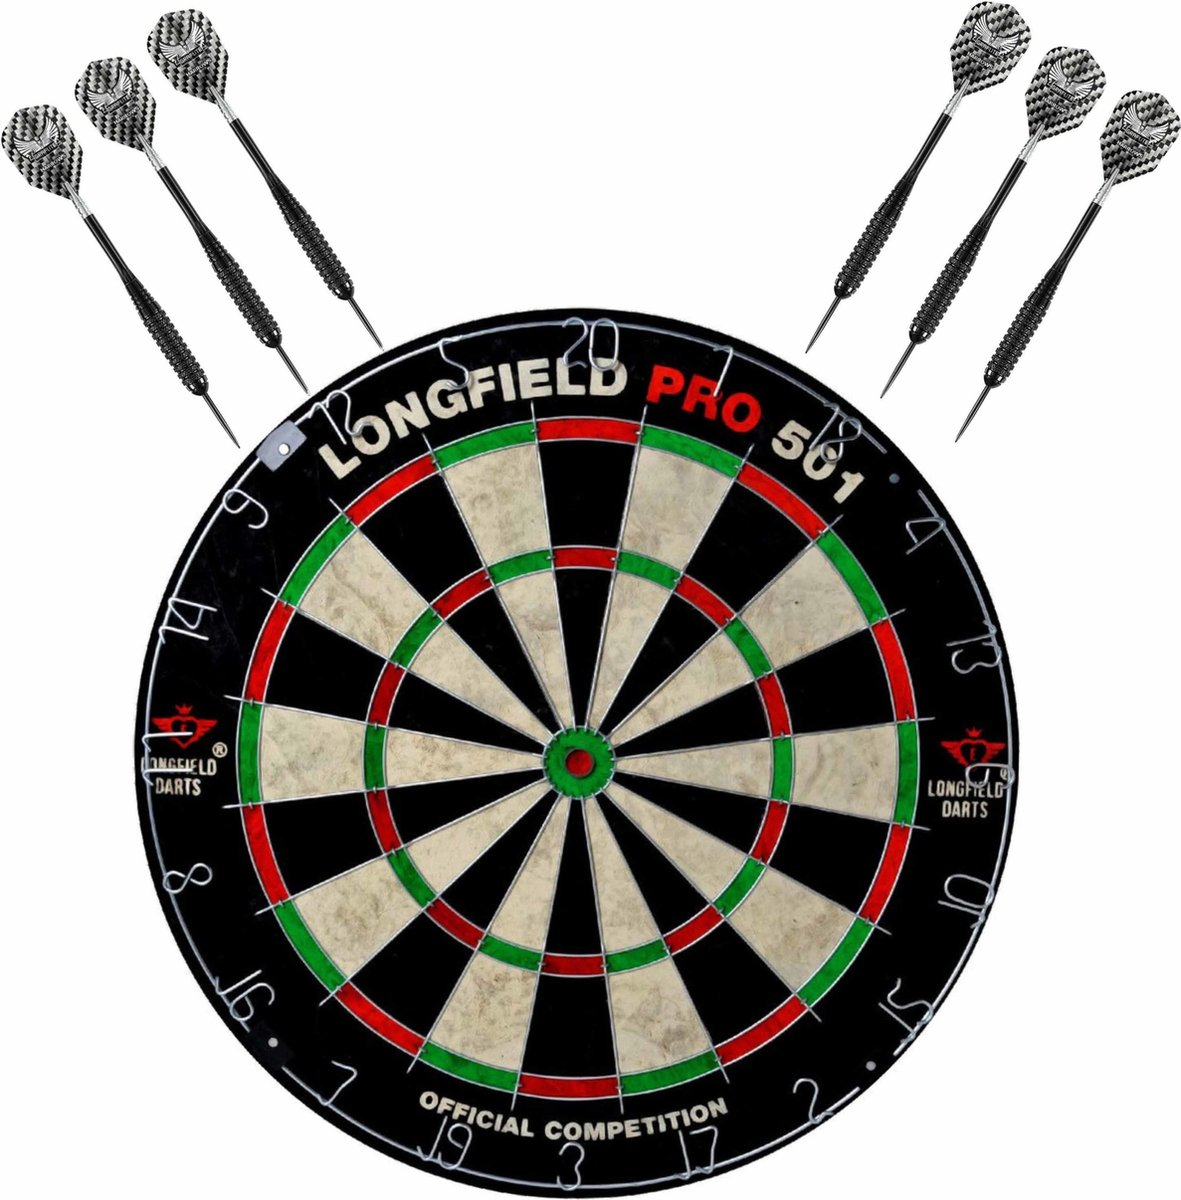 Dartbord set compleet van diameter 45.5 cm met 6x Black Arrow dartpijlen van 23 gram - Sporten darts